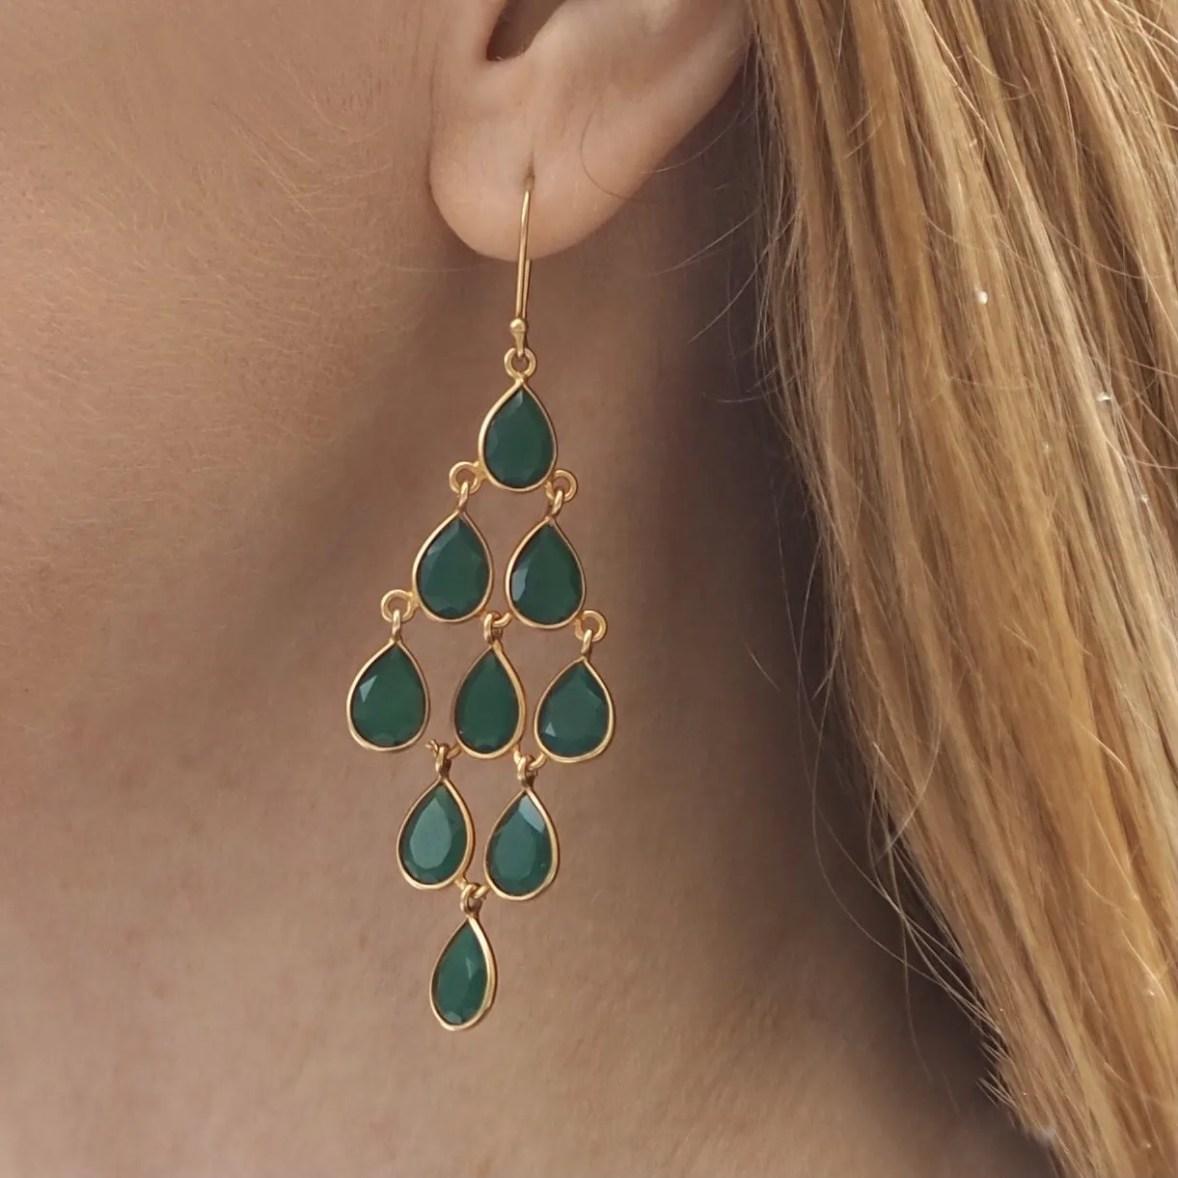 milina london green onyx chandelier earrings